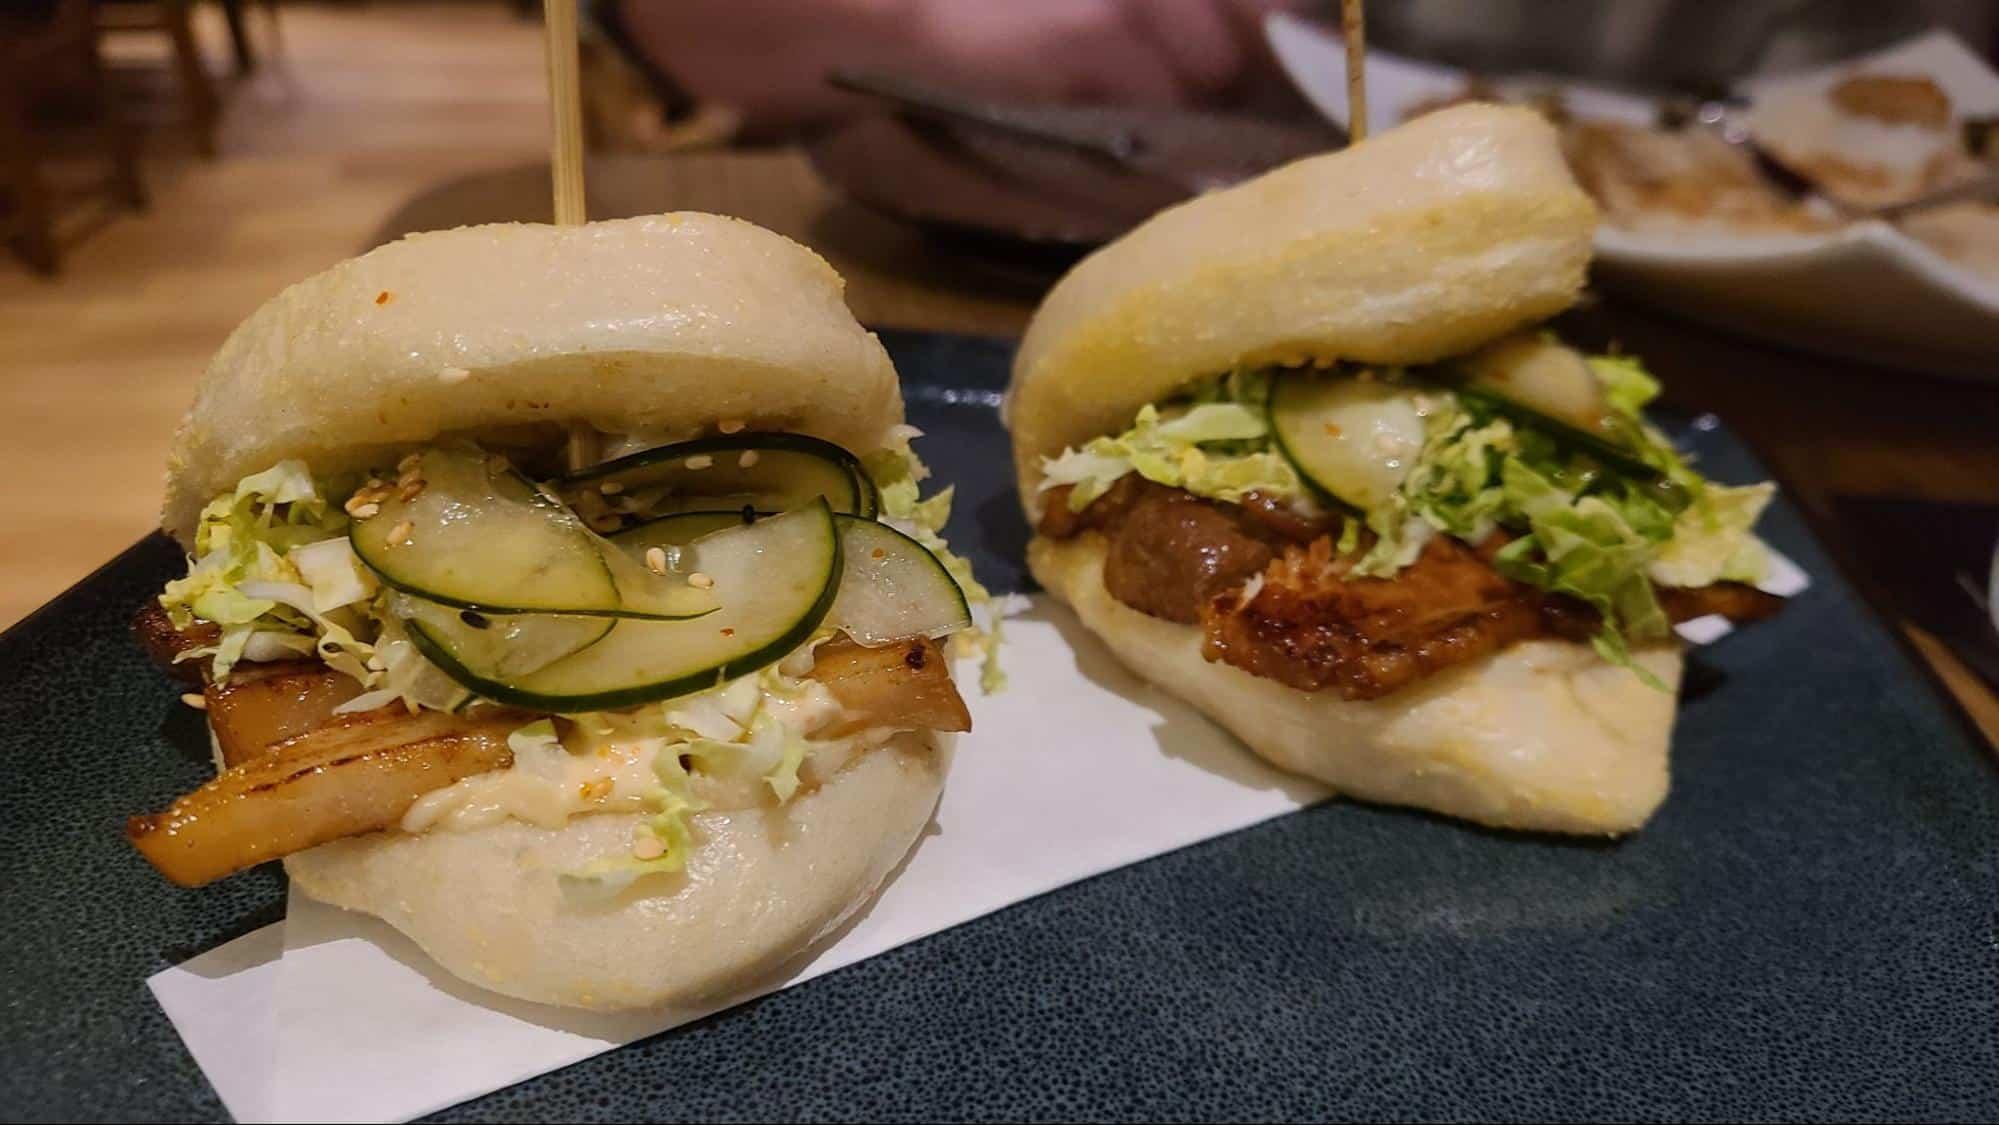 Egg rolls and pork buns at Kasai Izakaya